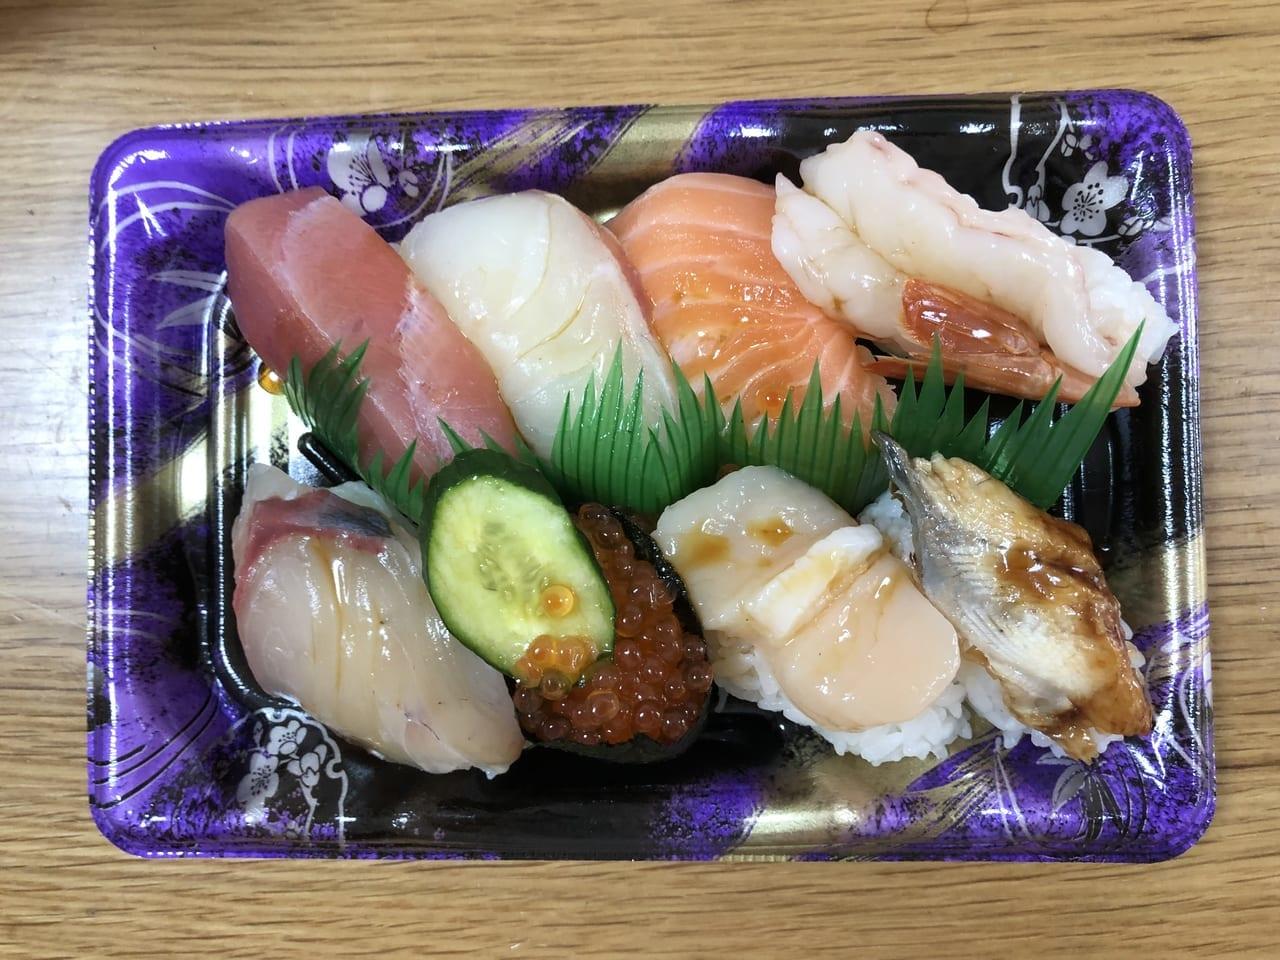 799円の寿司